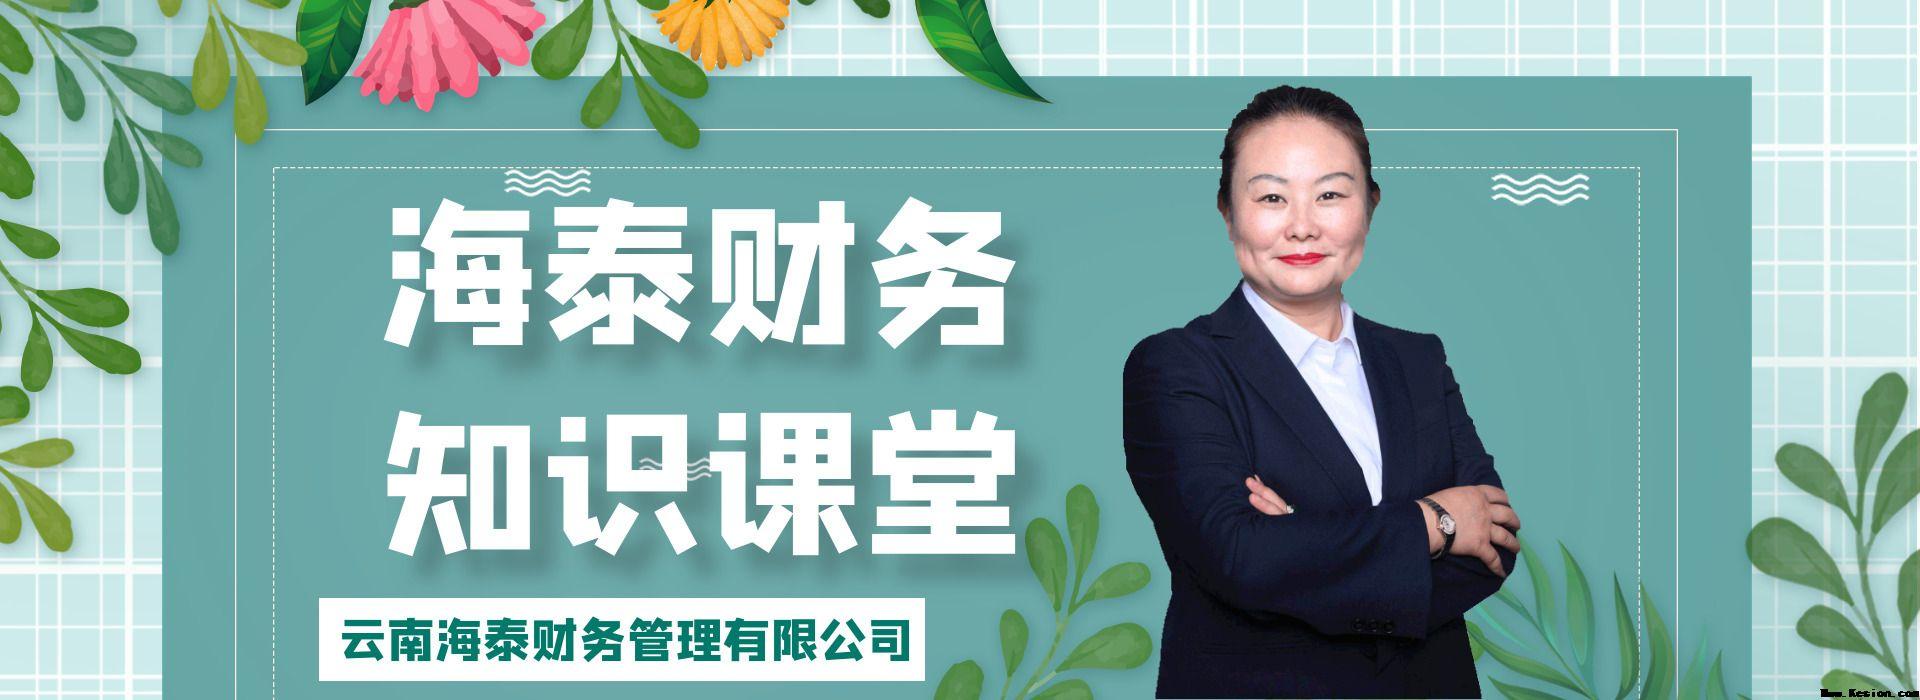 关于完善调整部分纳税人个人所得税预扣预缴方法的公告  云南税务 7月30日